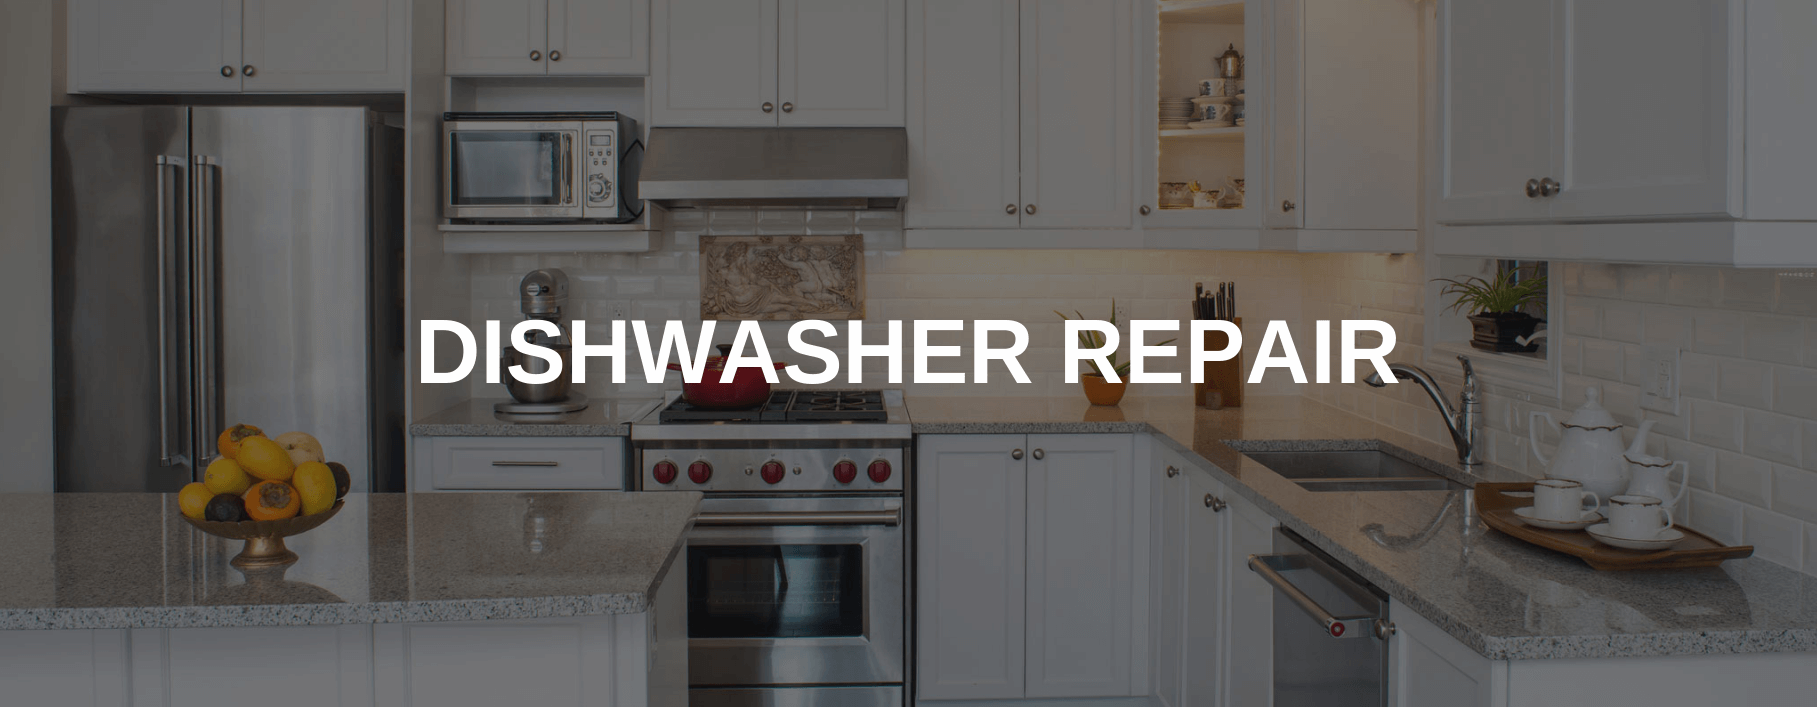 dishwasher repair coral gables